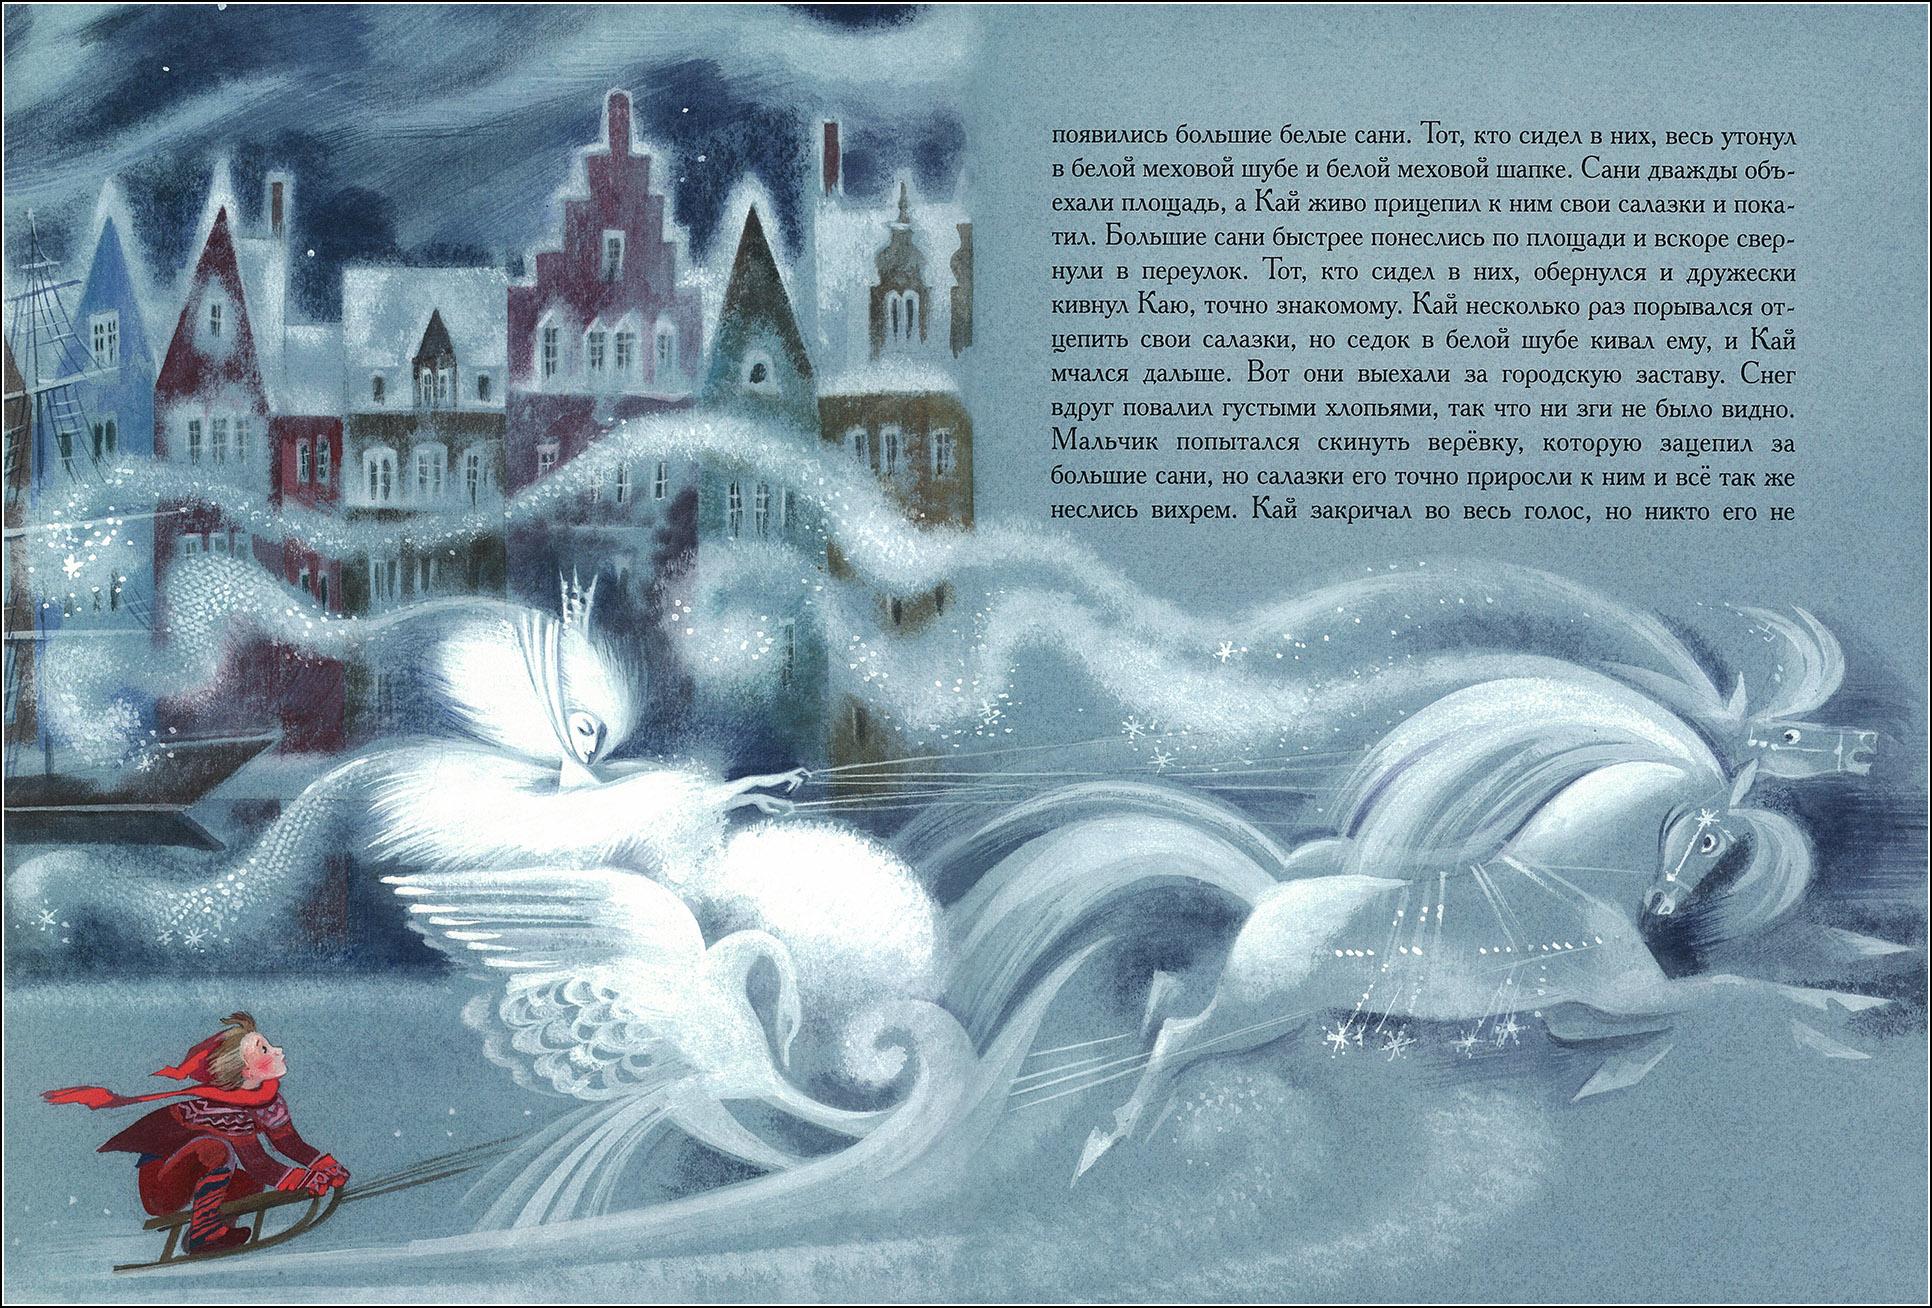 середине снежная королева уносит кая картинка наши императоры были